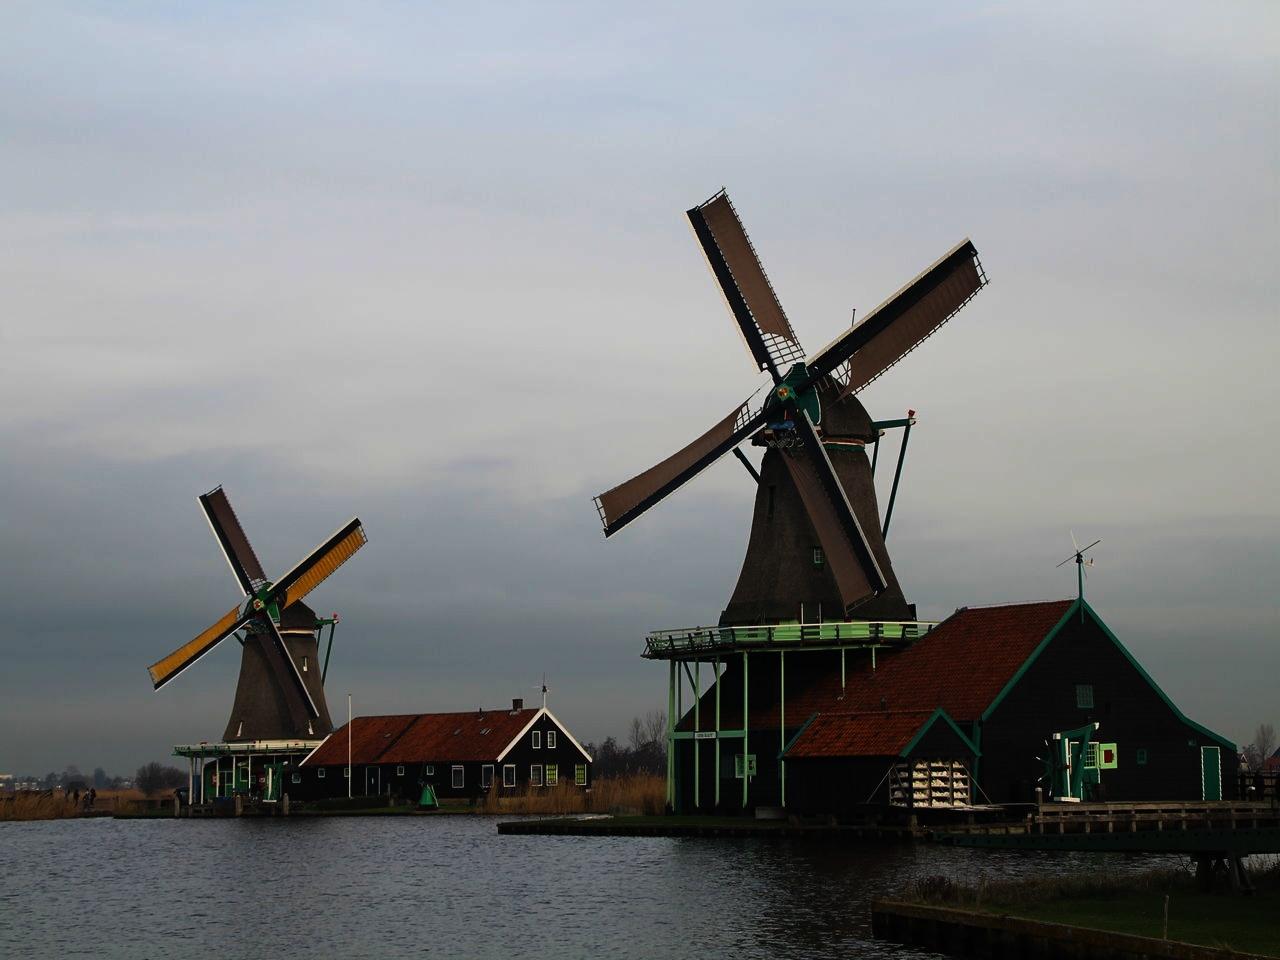 Visitar Zaanse Schans y conocer el lugar donde tantos artistas se inspiraron.